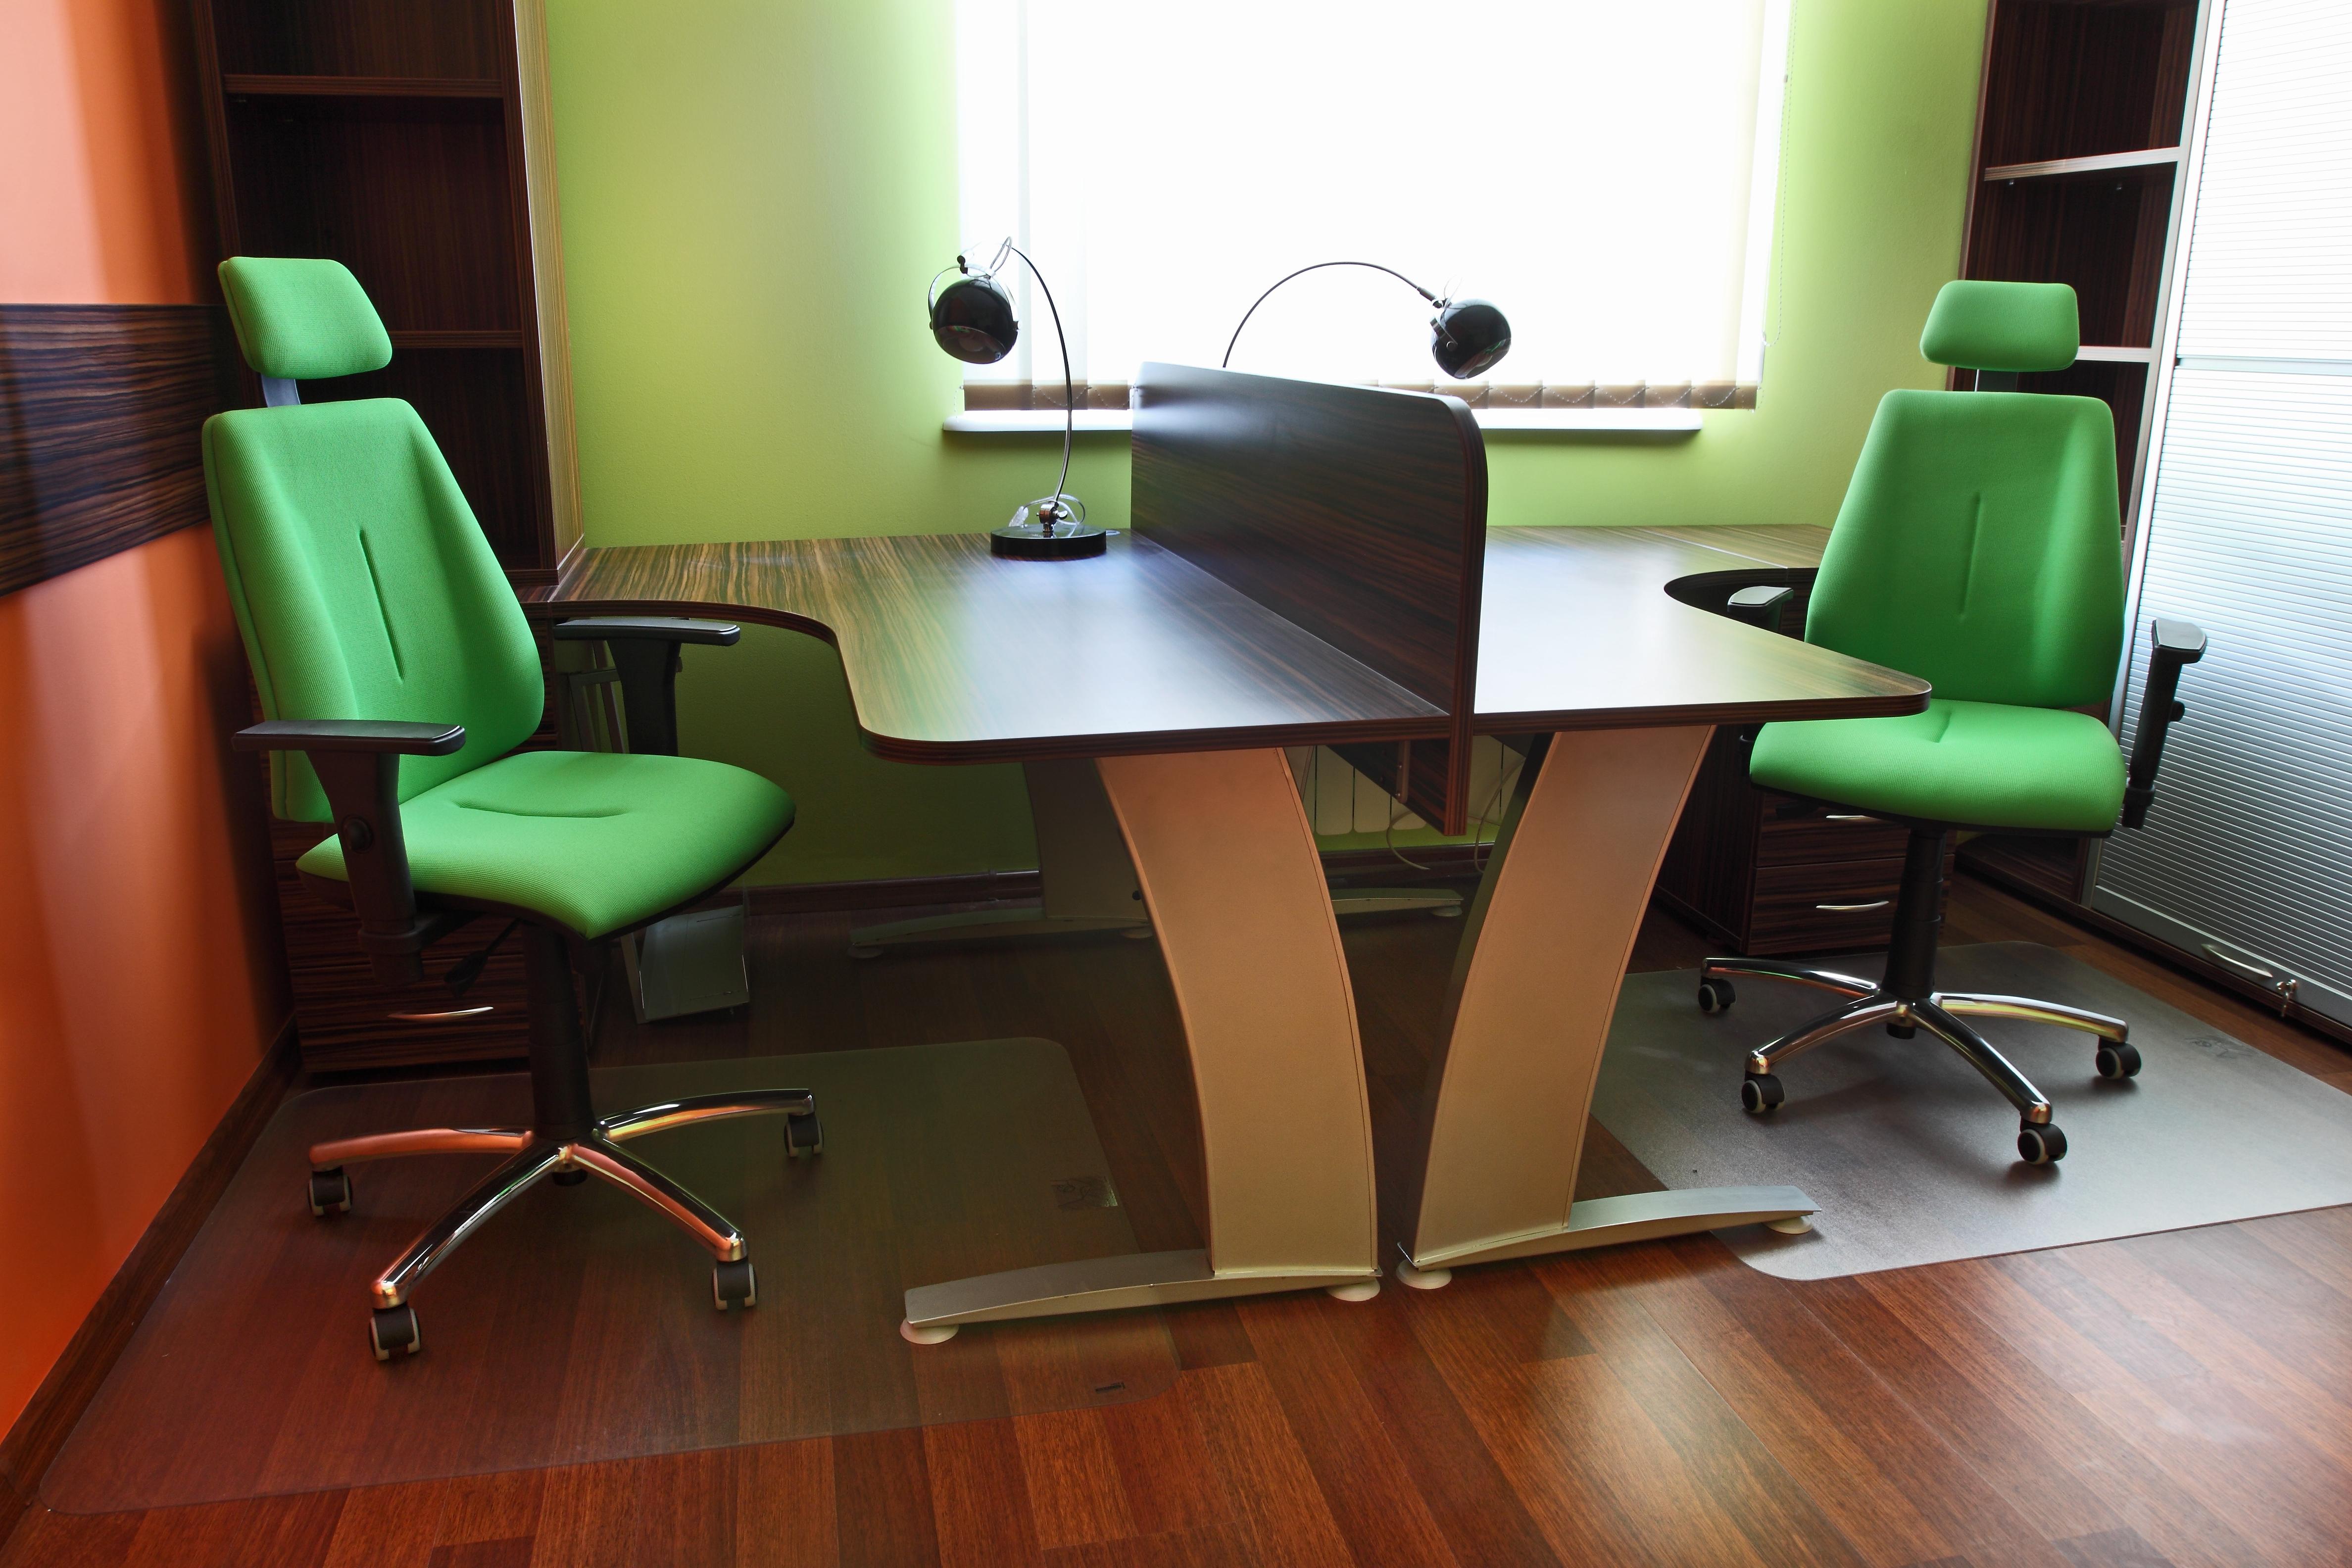 Krzesła do biura – jak wybrać odpowiedni model?